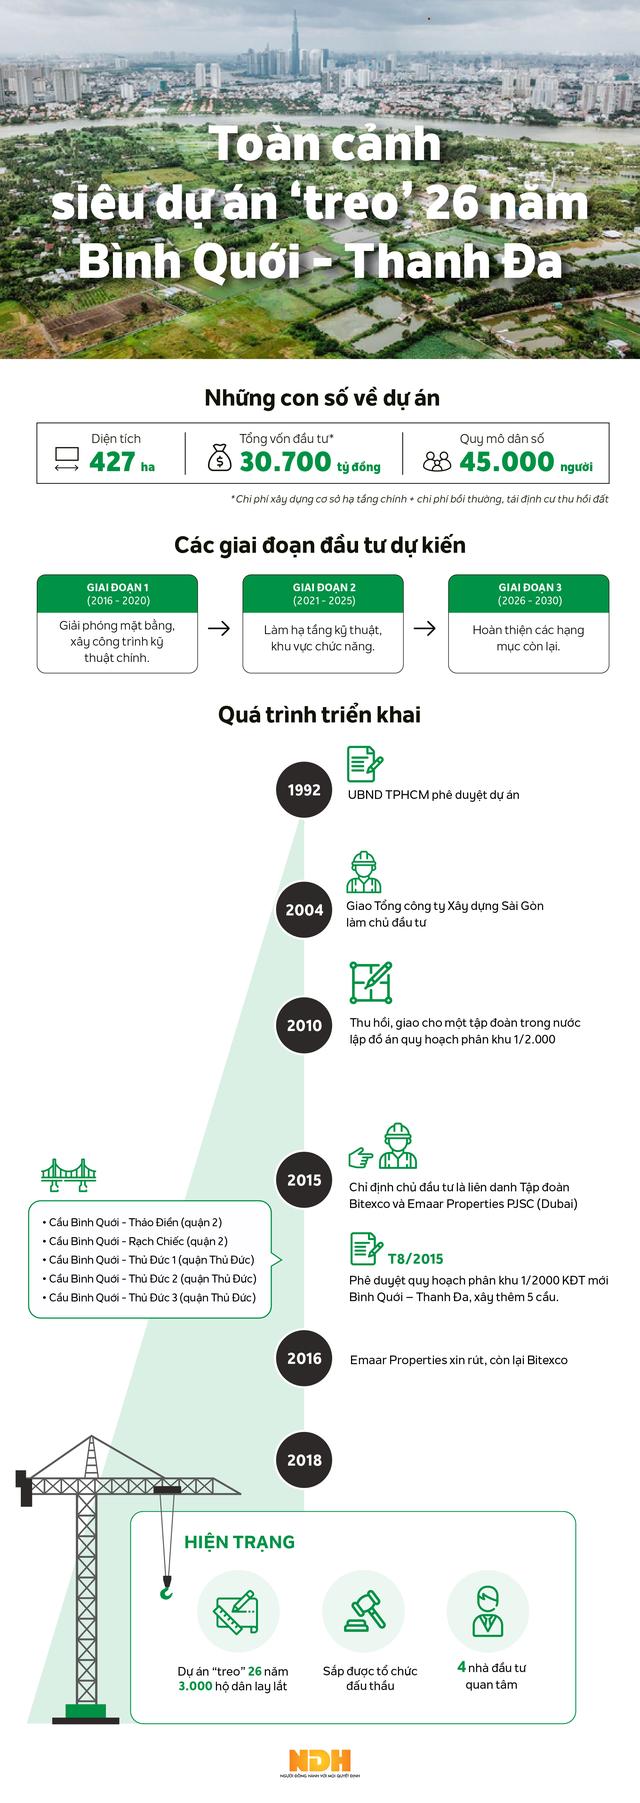 [Infographic] Toàn cảnh siêu dự án treo 26 năm đang chờ nhà đầu tư ở TP HCM - Ảnh 1.